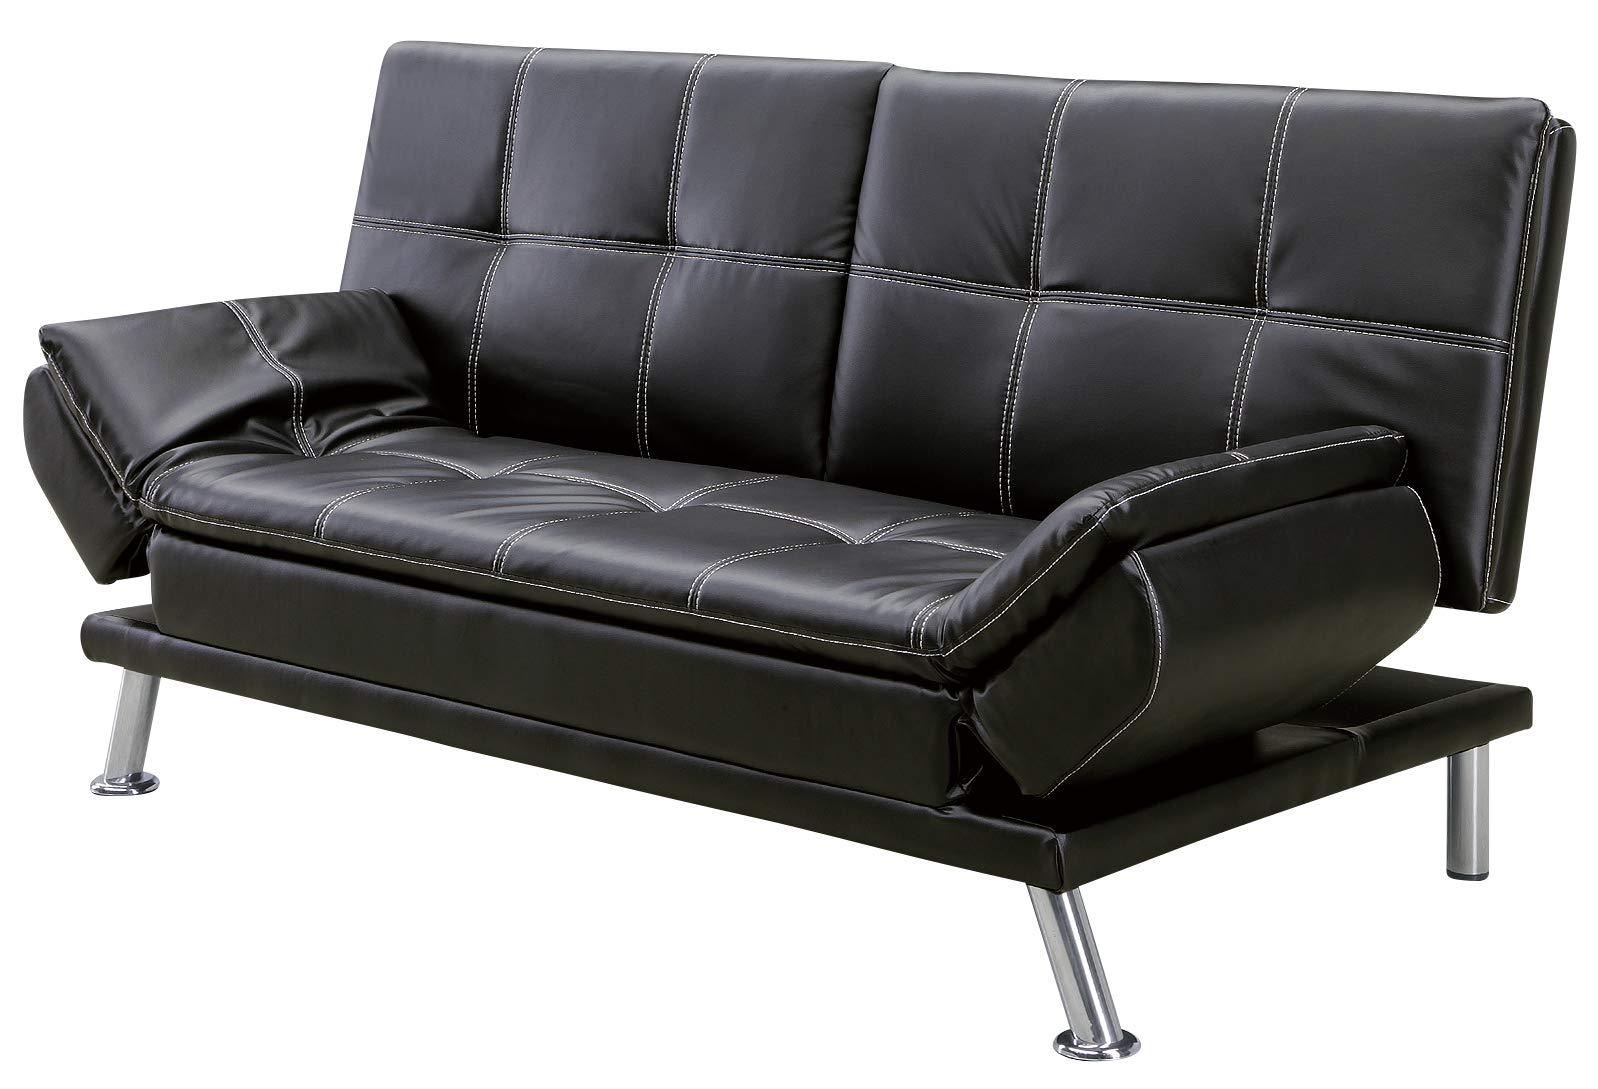 ソファーベッド ソファー 3人掛け レザー 黒 ブラック シック モダン 背もたれ3段階 幅188 シャーリー